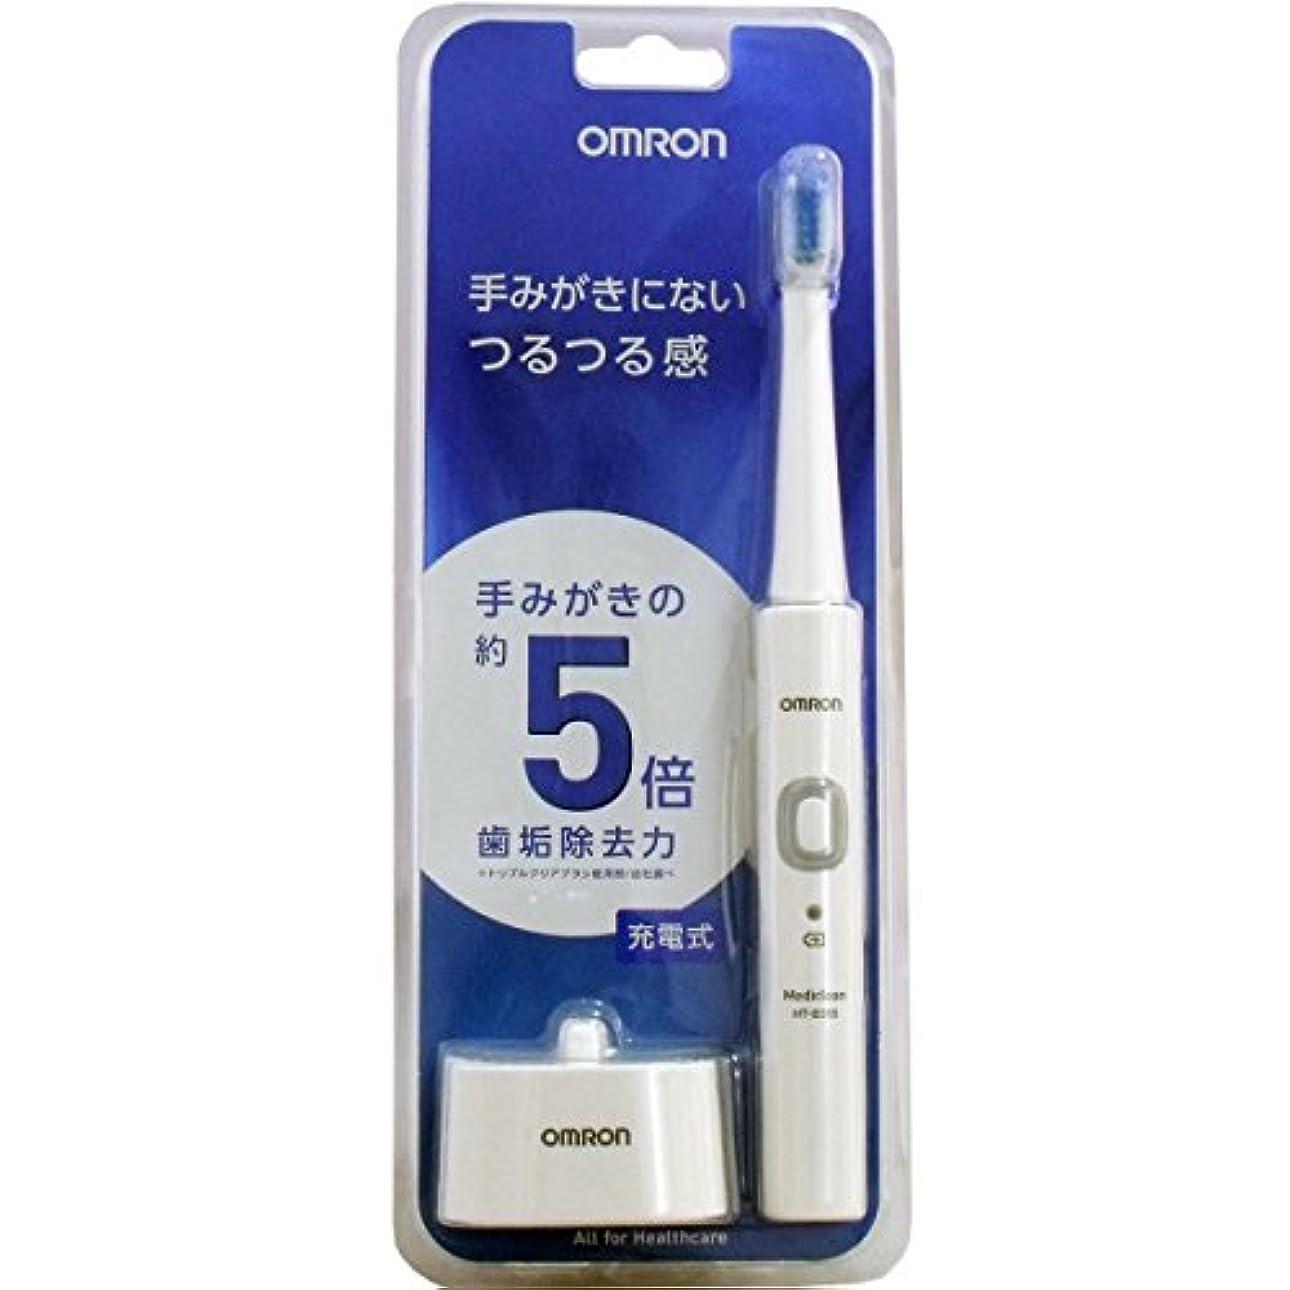 リーチ薄いですマッシュオムロン電動歯ブラシHT-B305-W